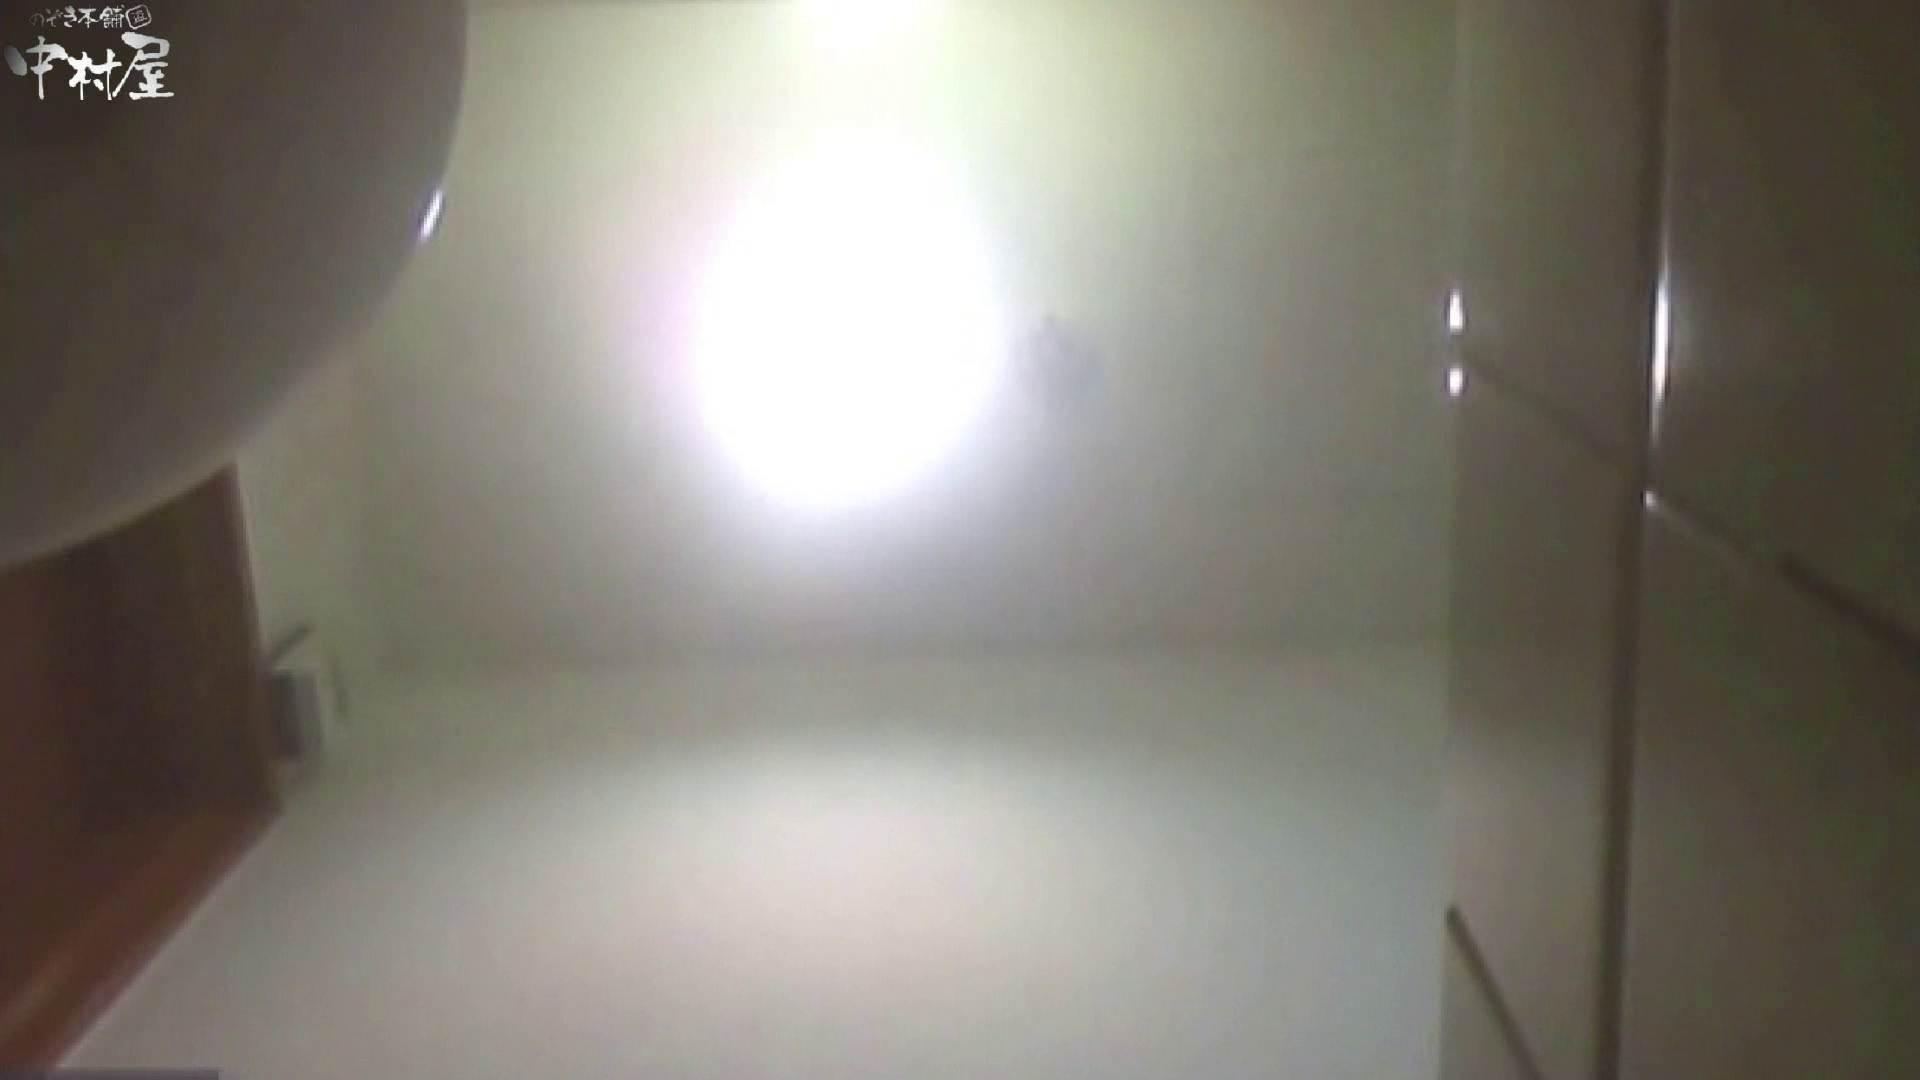 解禁!海の家4カメ洗面所vol.16 現役ギャル セックス無修正動画無料 77pic 54